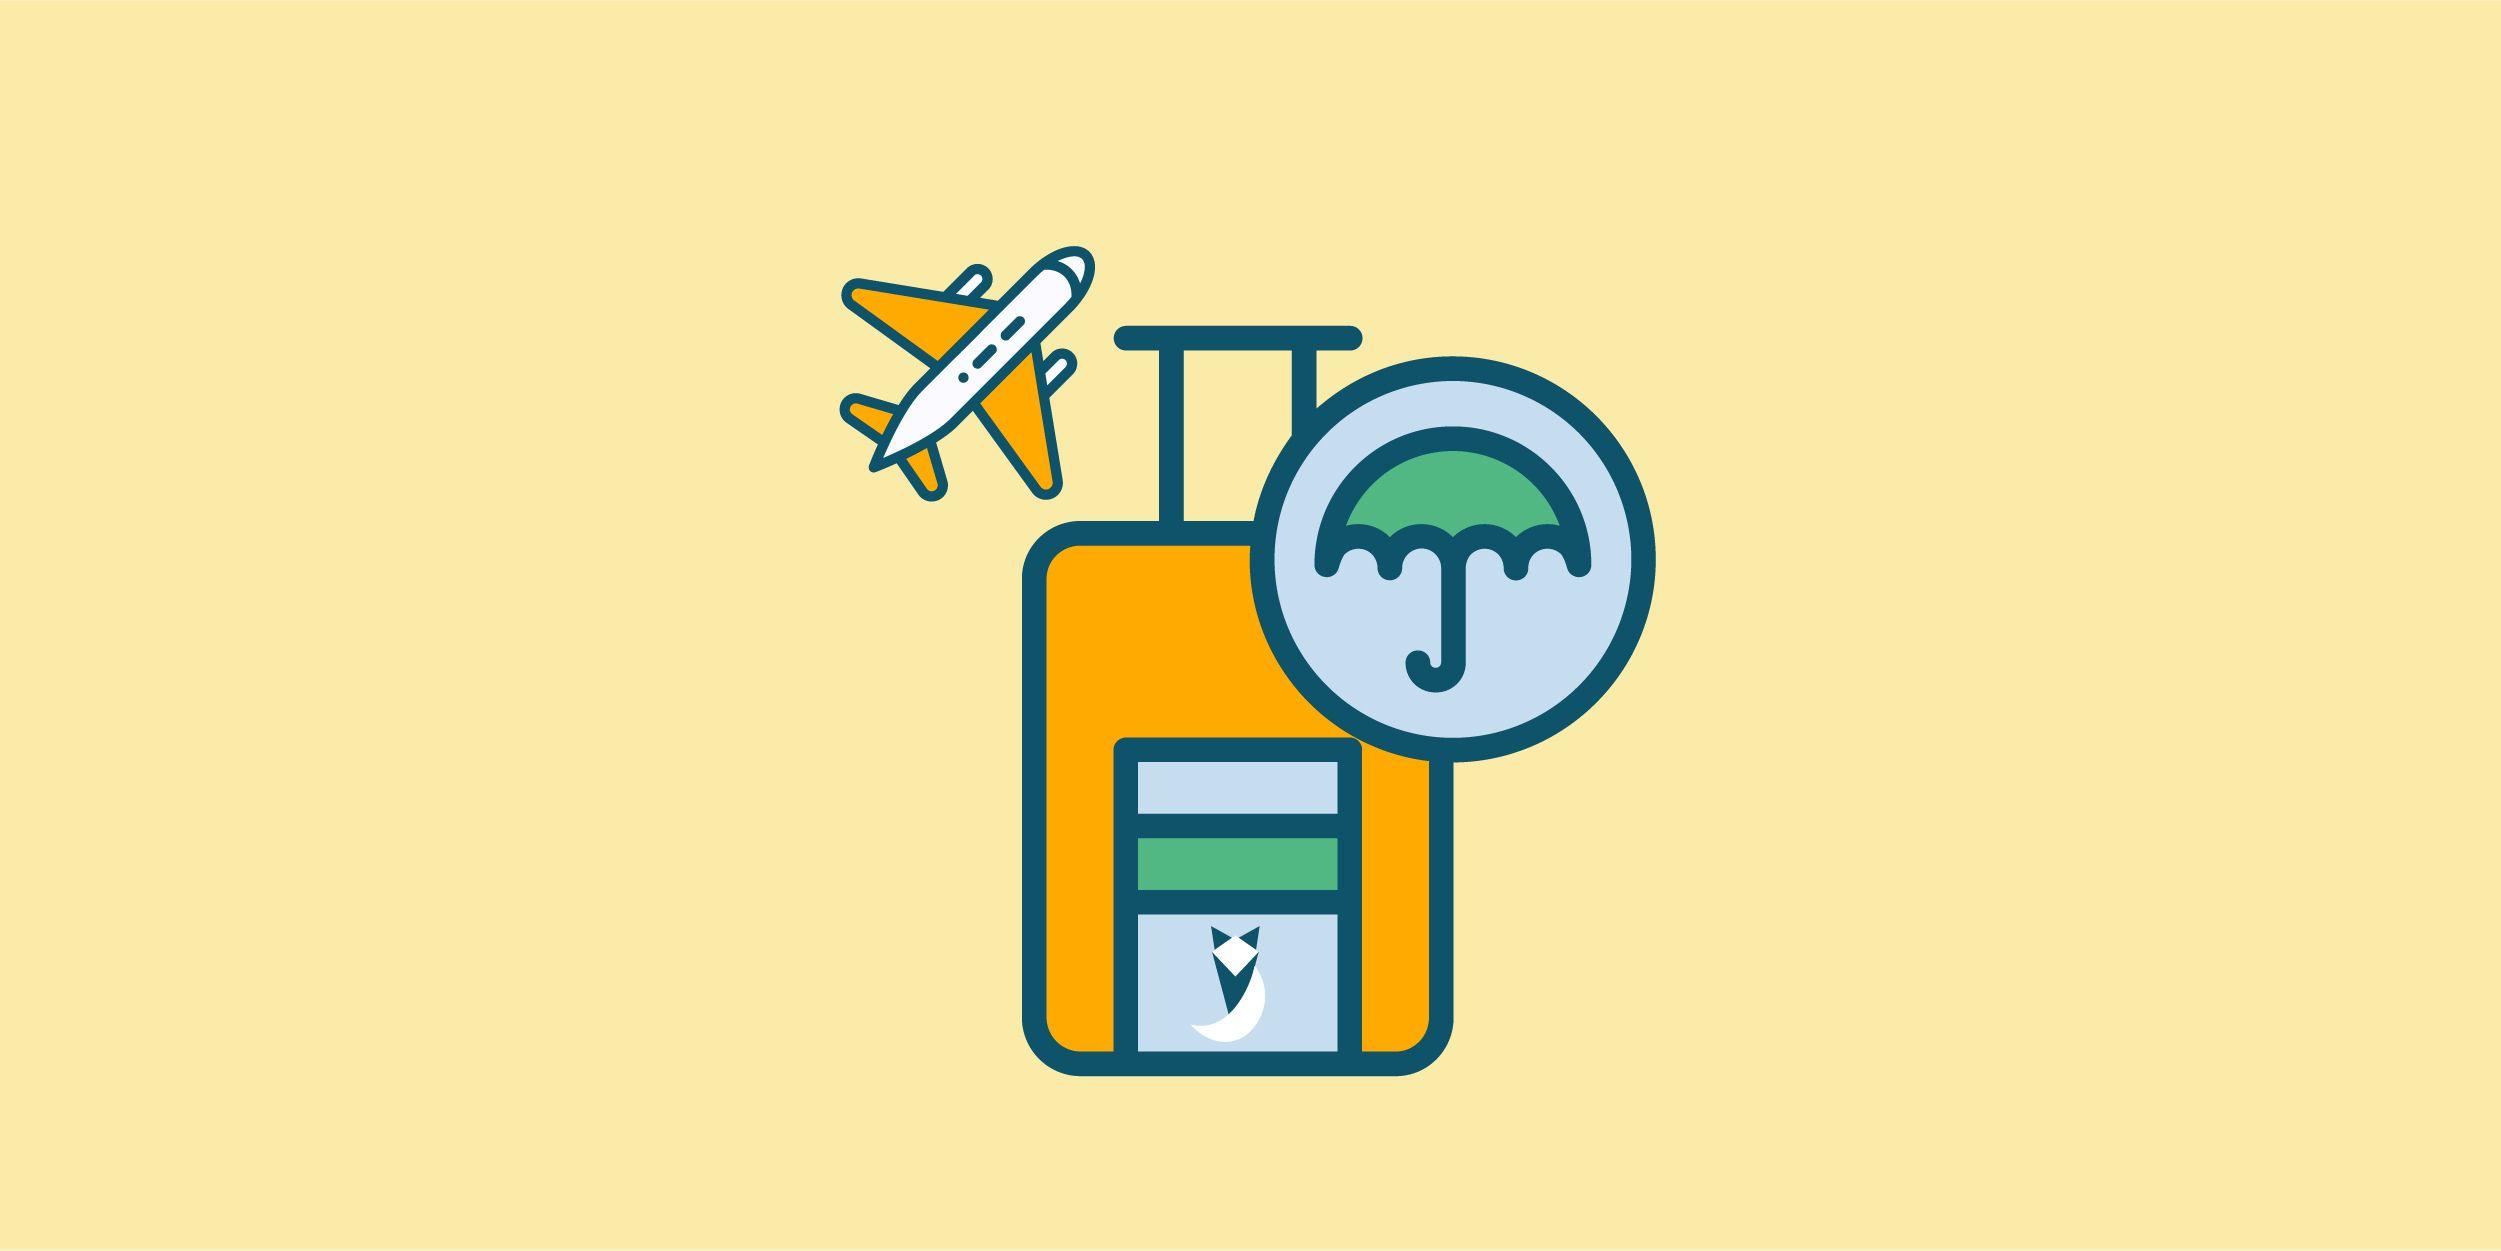 ازاى تآمن نفسك وانت مسافر، وإيه هو تأمين رعاية المسافر؟